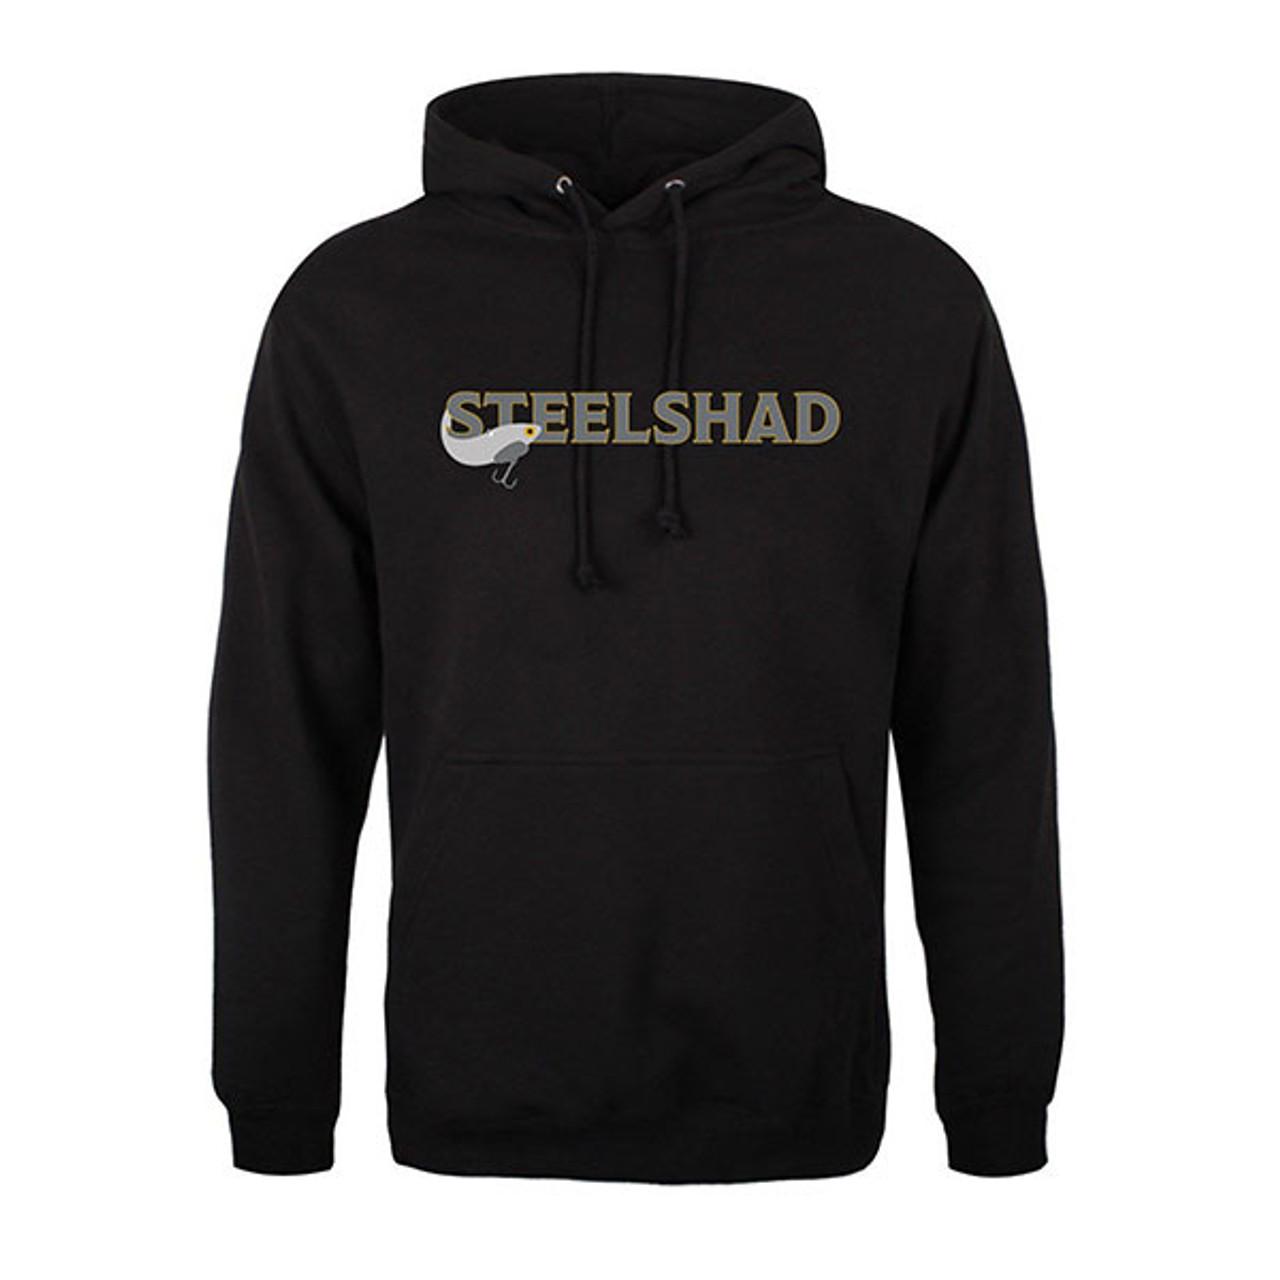 SteelShad Hoodie